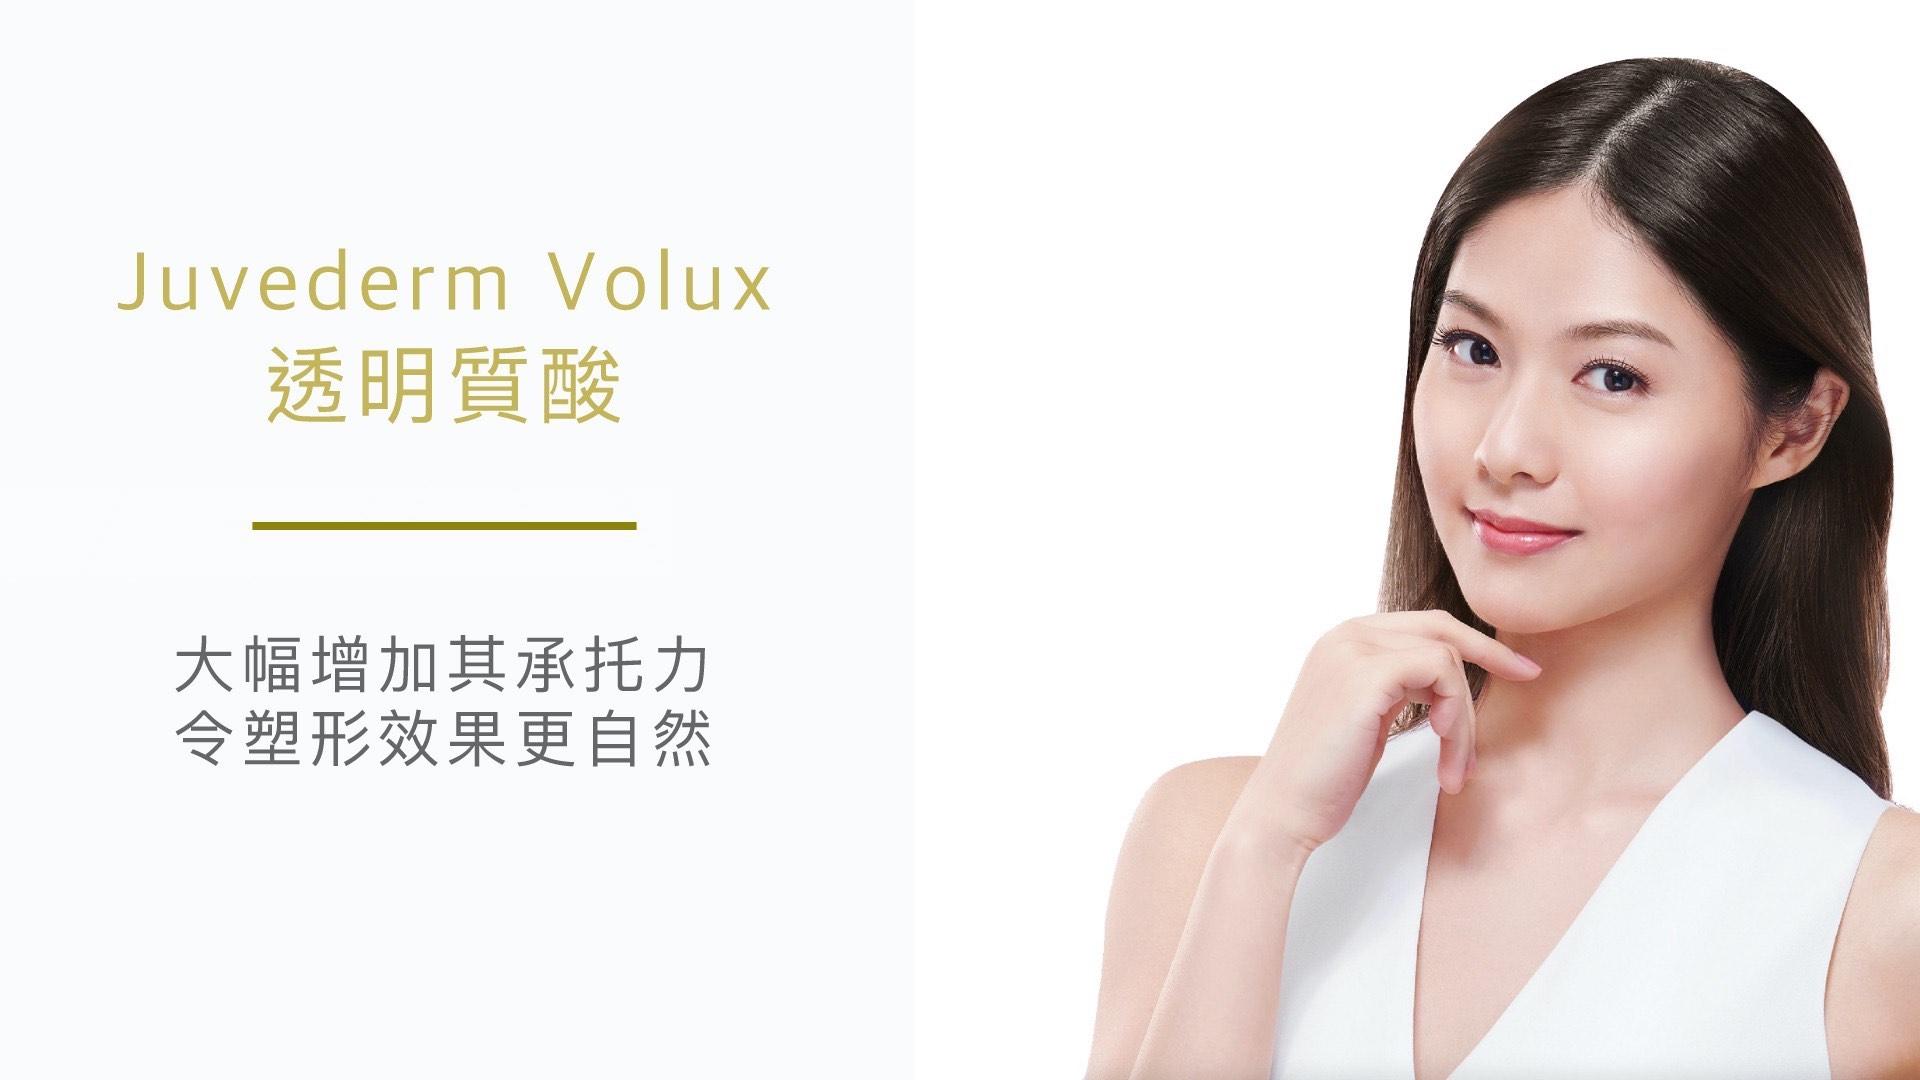 Juvederm Volux透明質酸